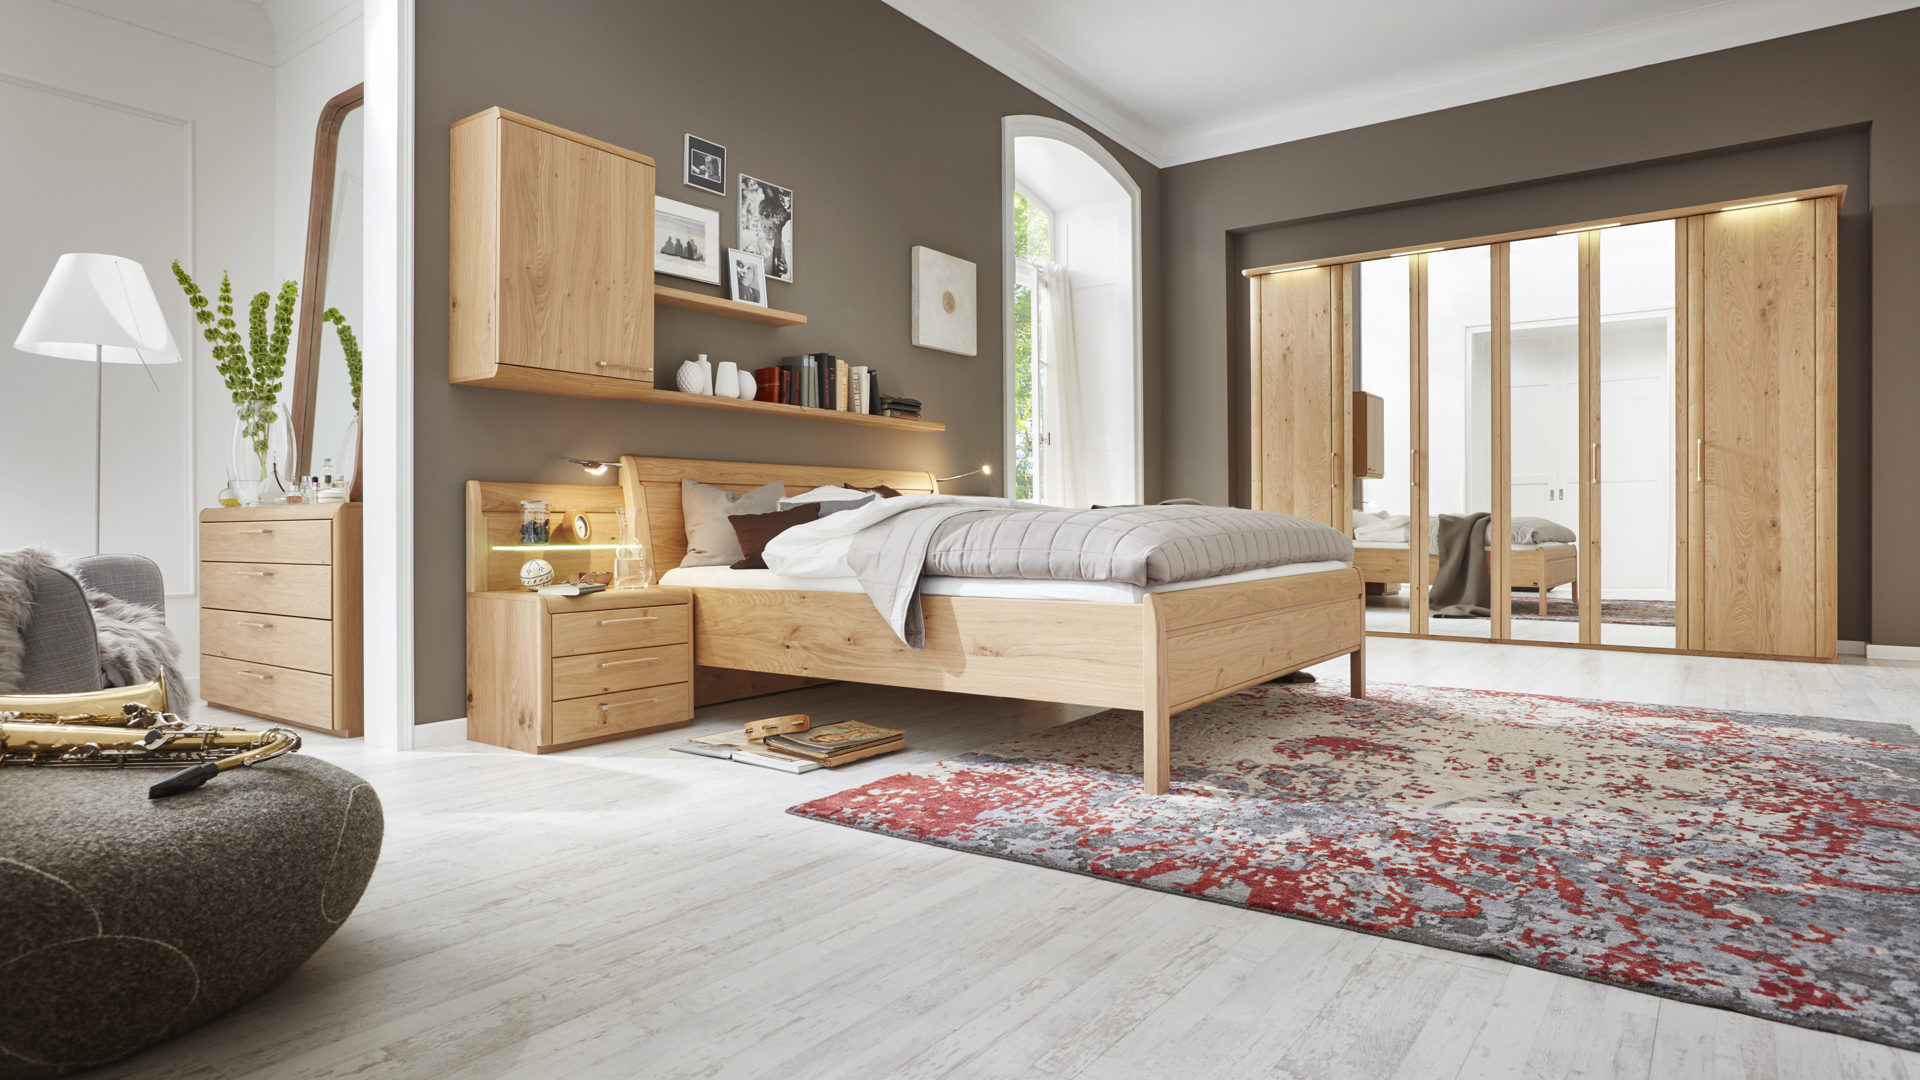 Interliving Schlafzimmer Serie 1001 – Schlafzimmerkombination,